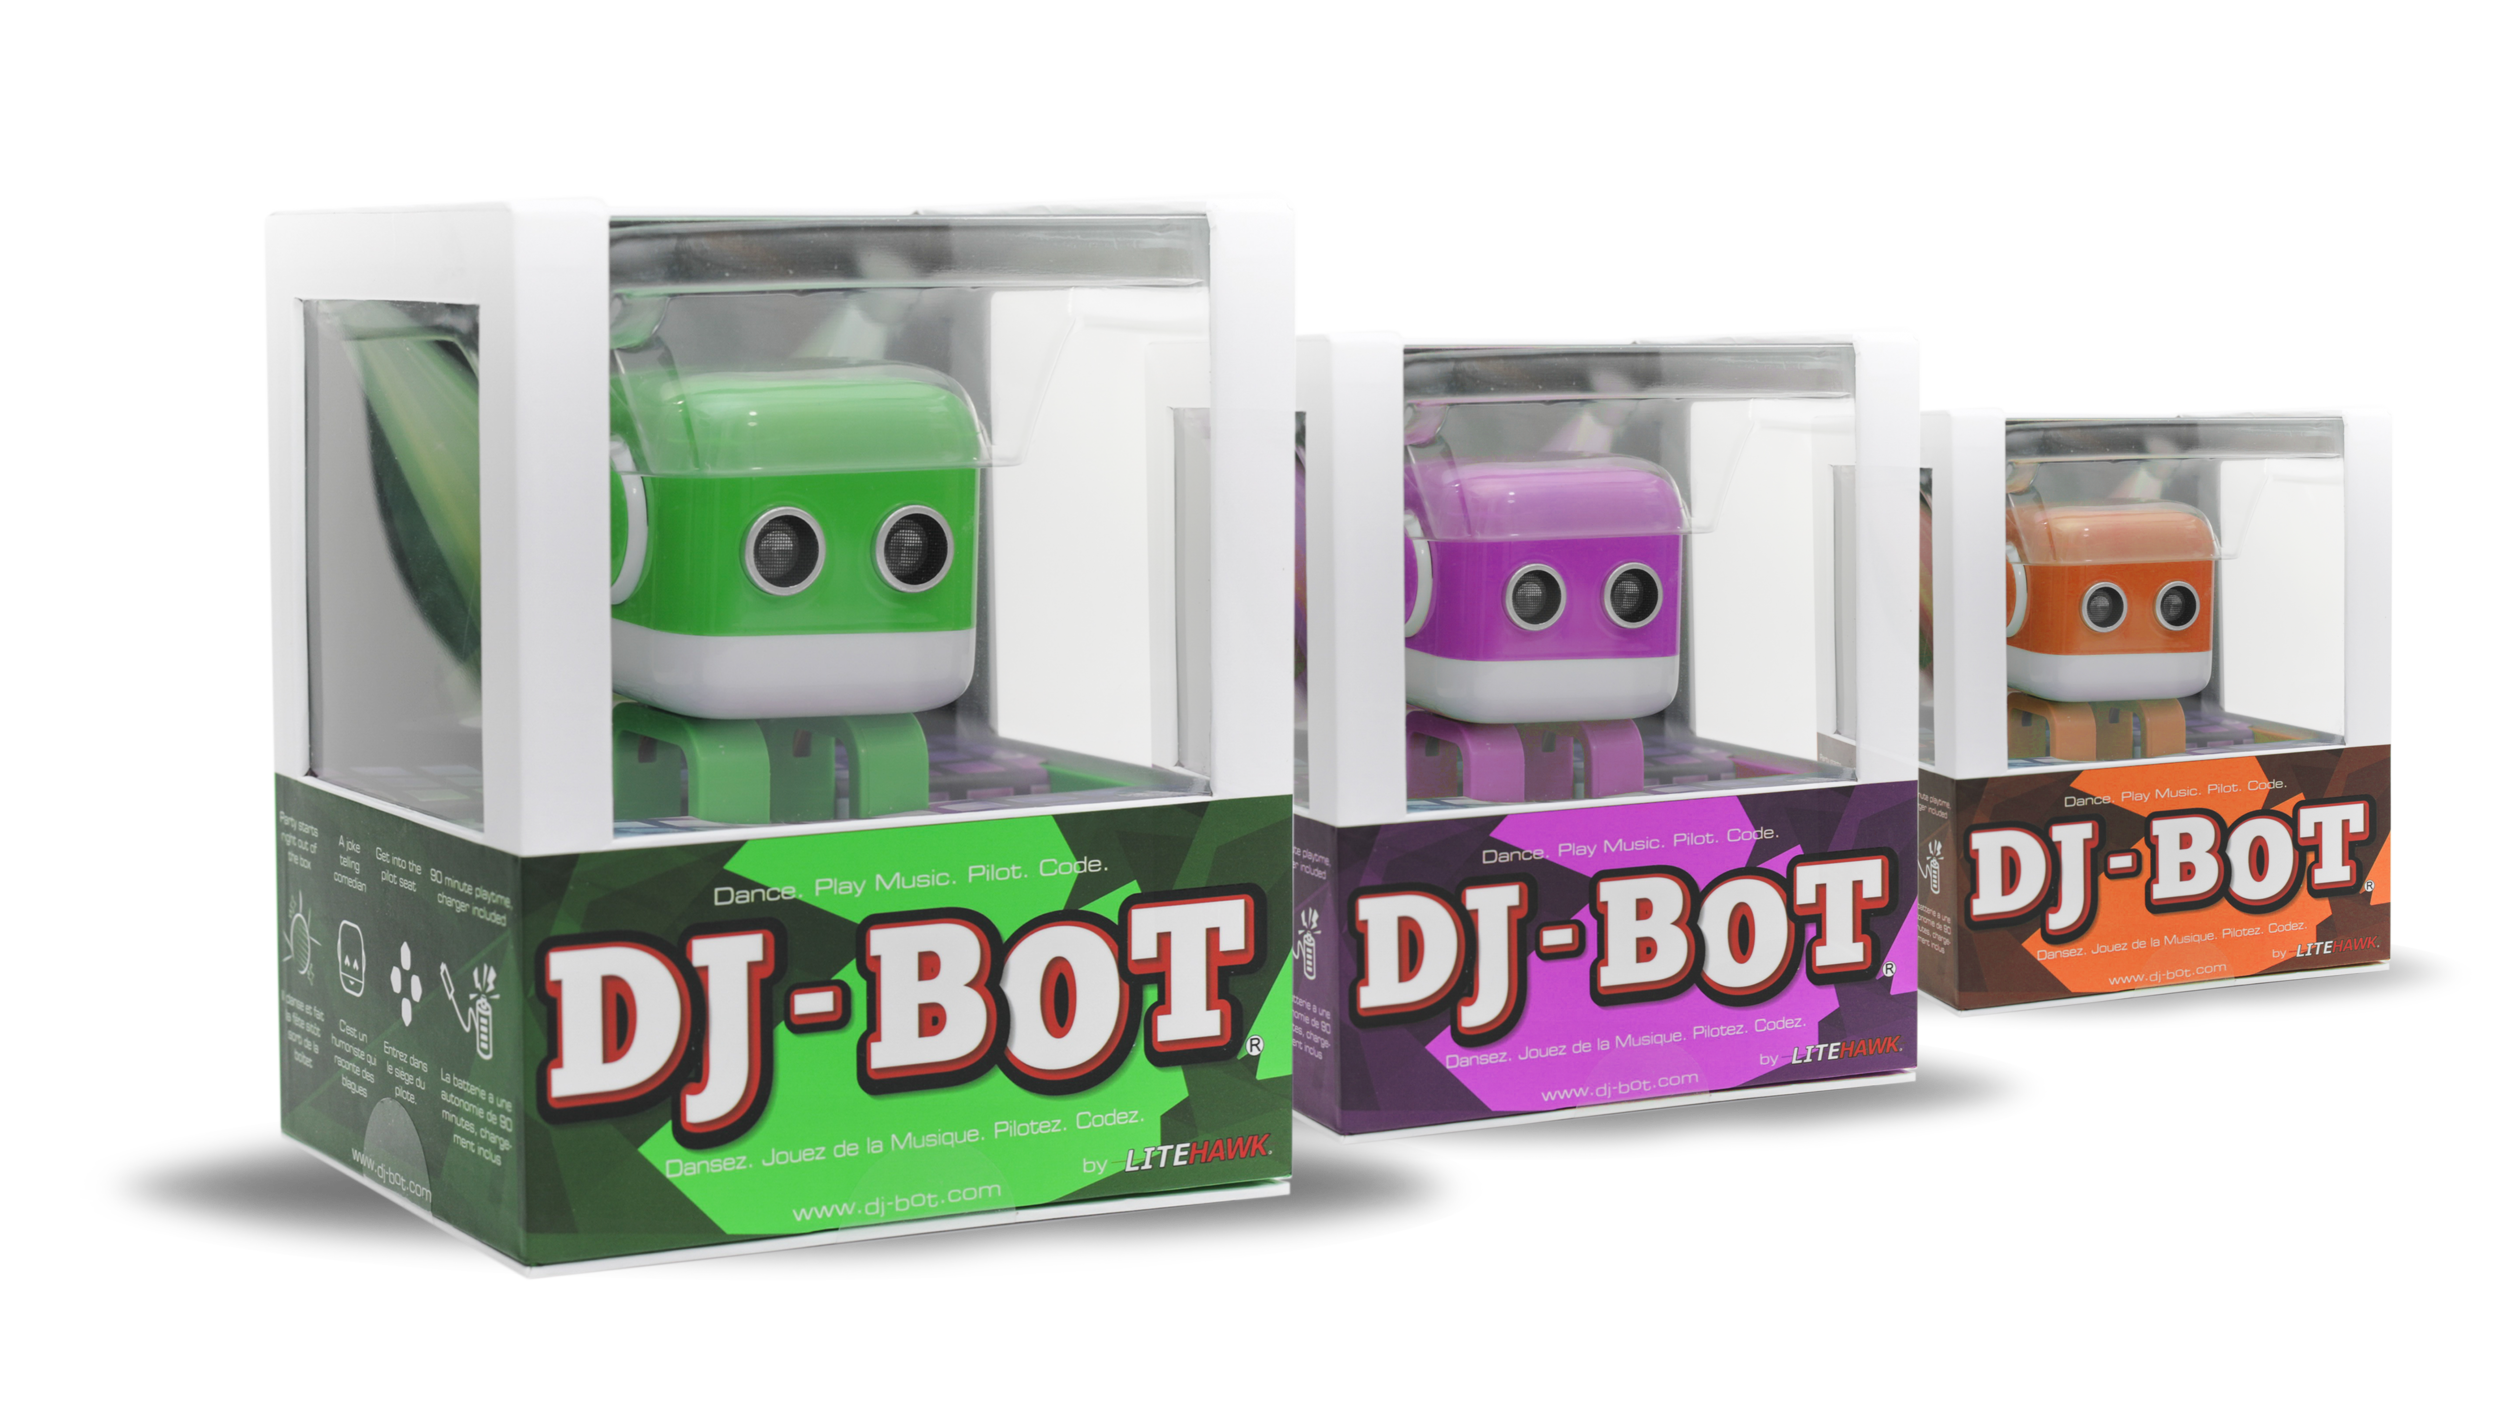 DJ BOT Boxes cutout.png